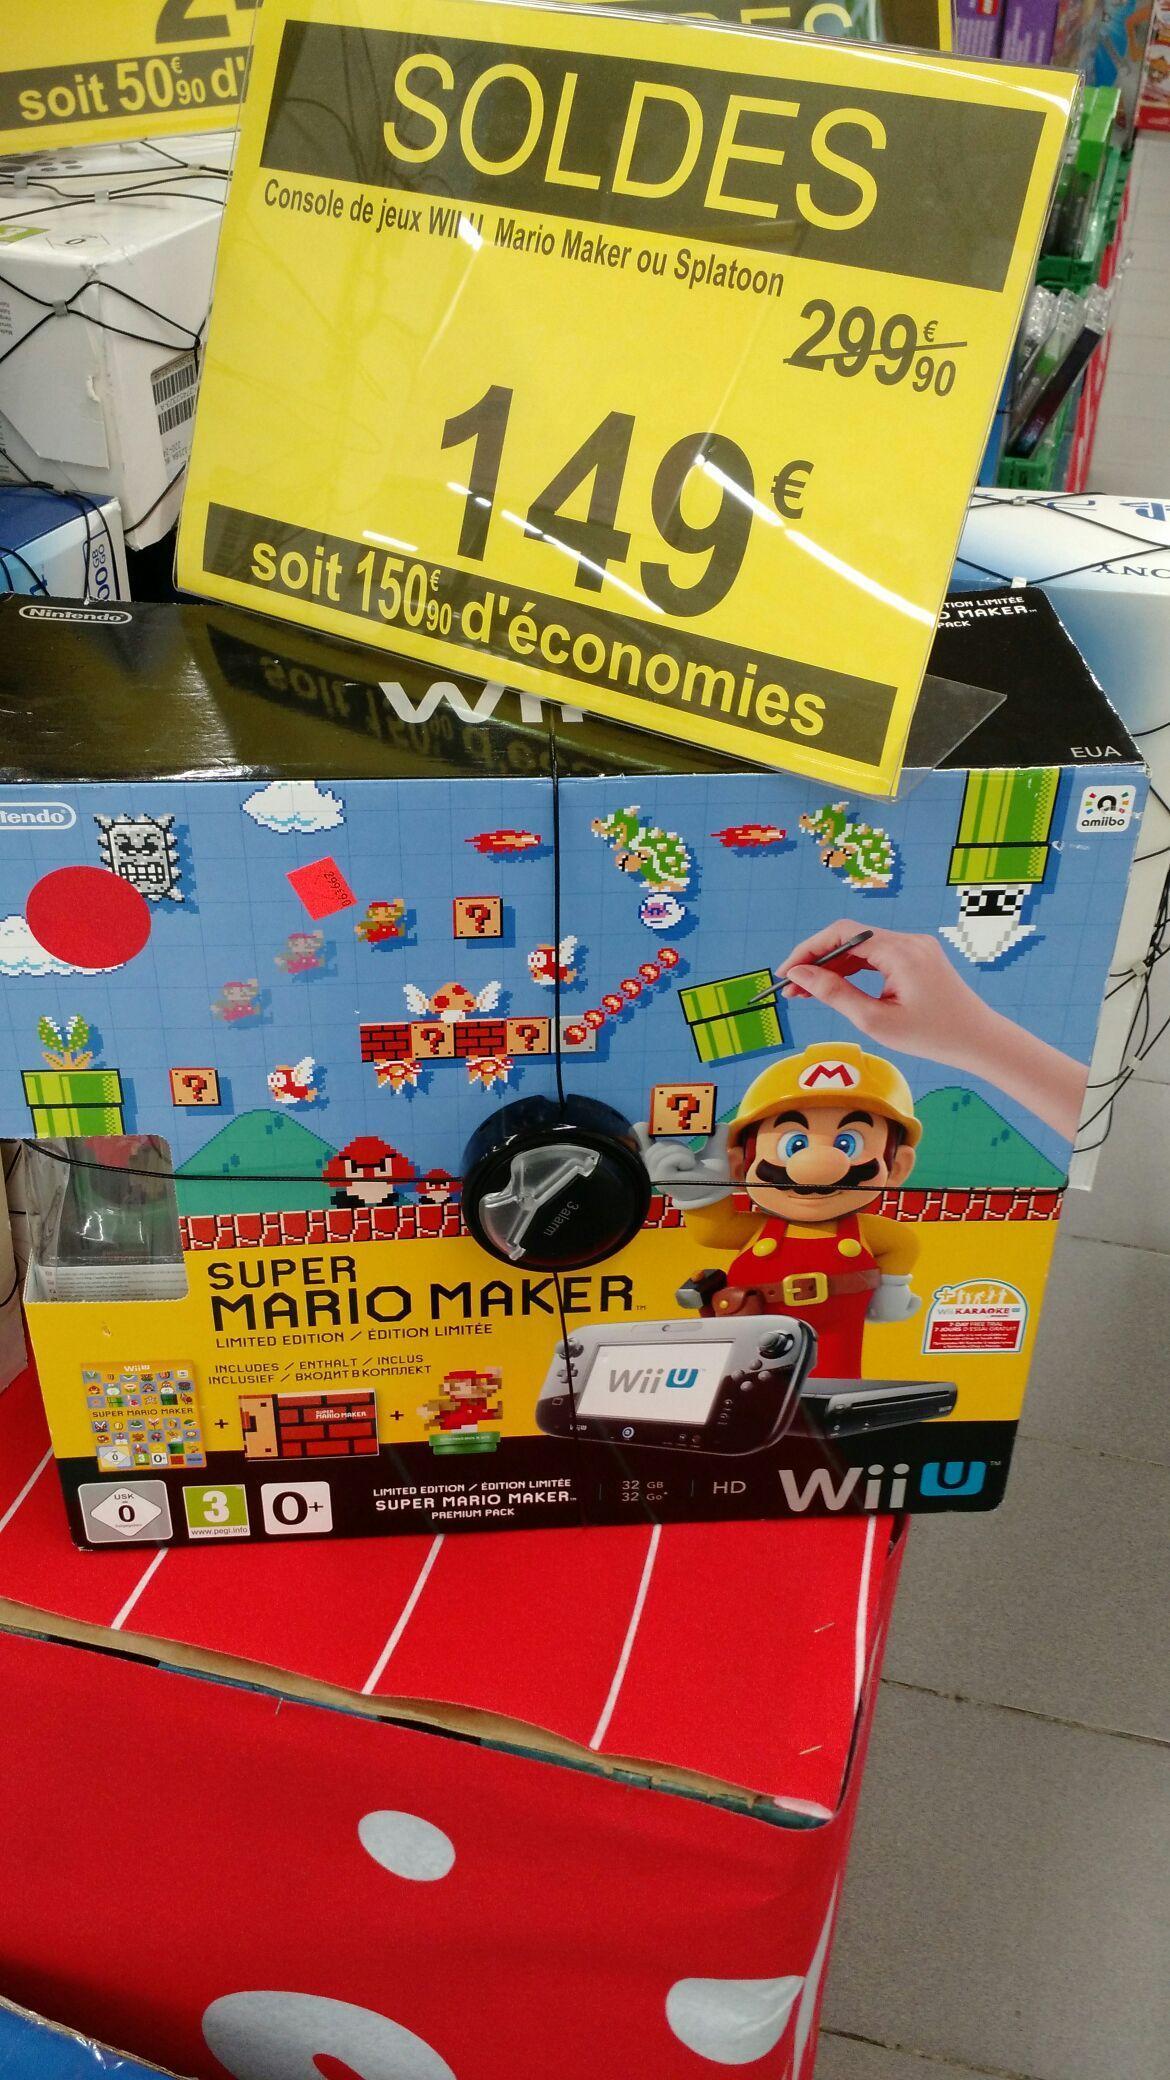 Pack Wii U 32 Go + Super Mario Maker